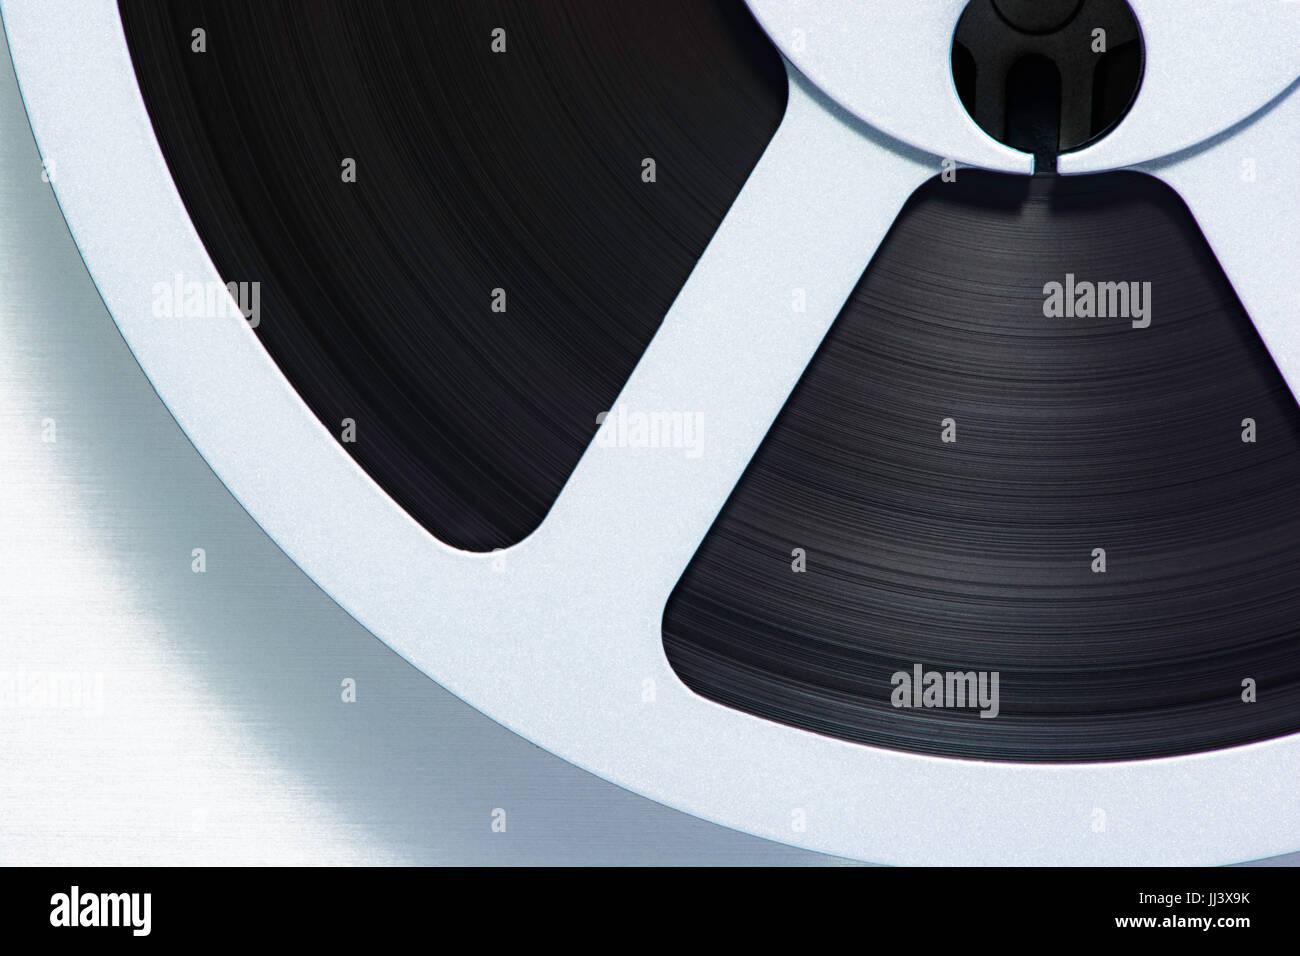 Macro of vintage reel-to-reel tape - Stock Image